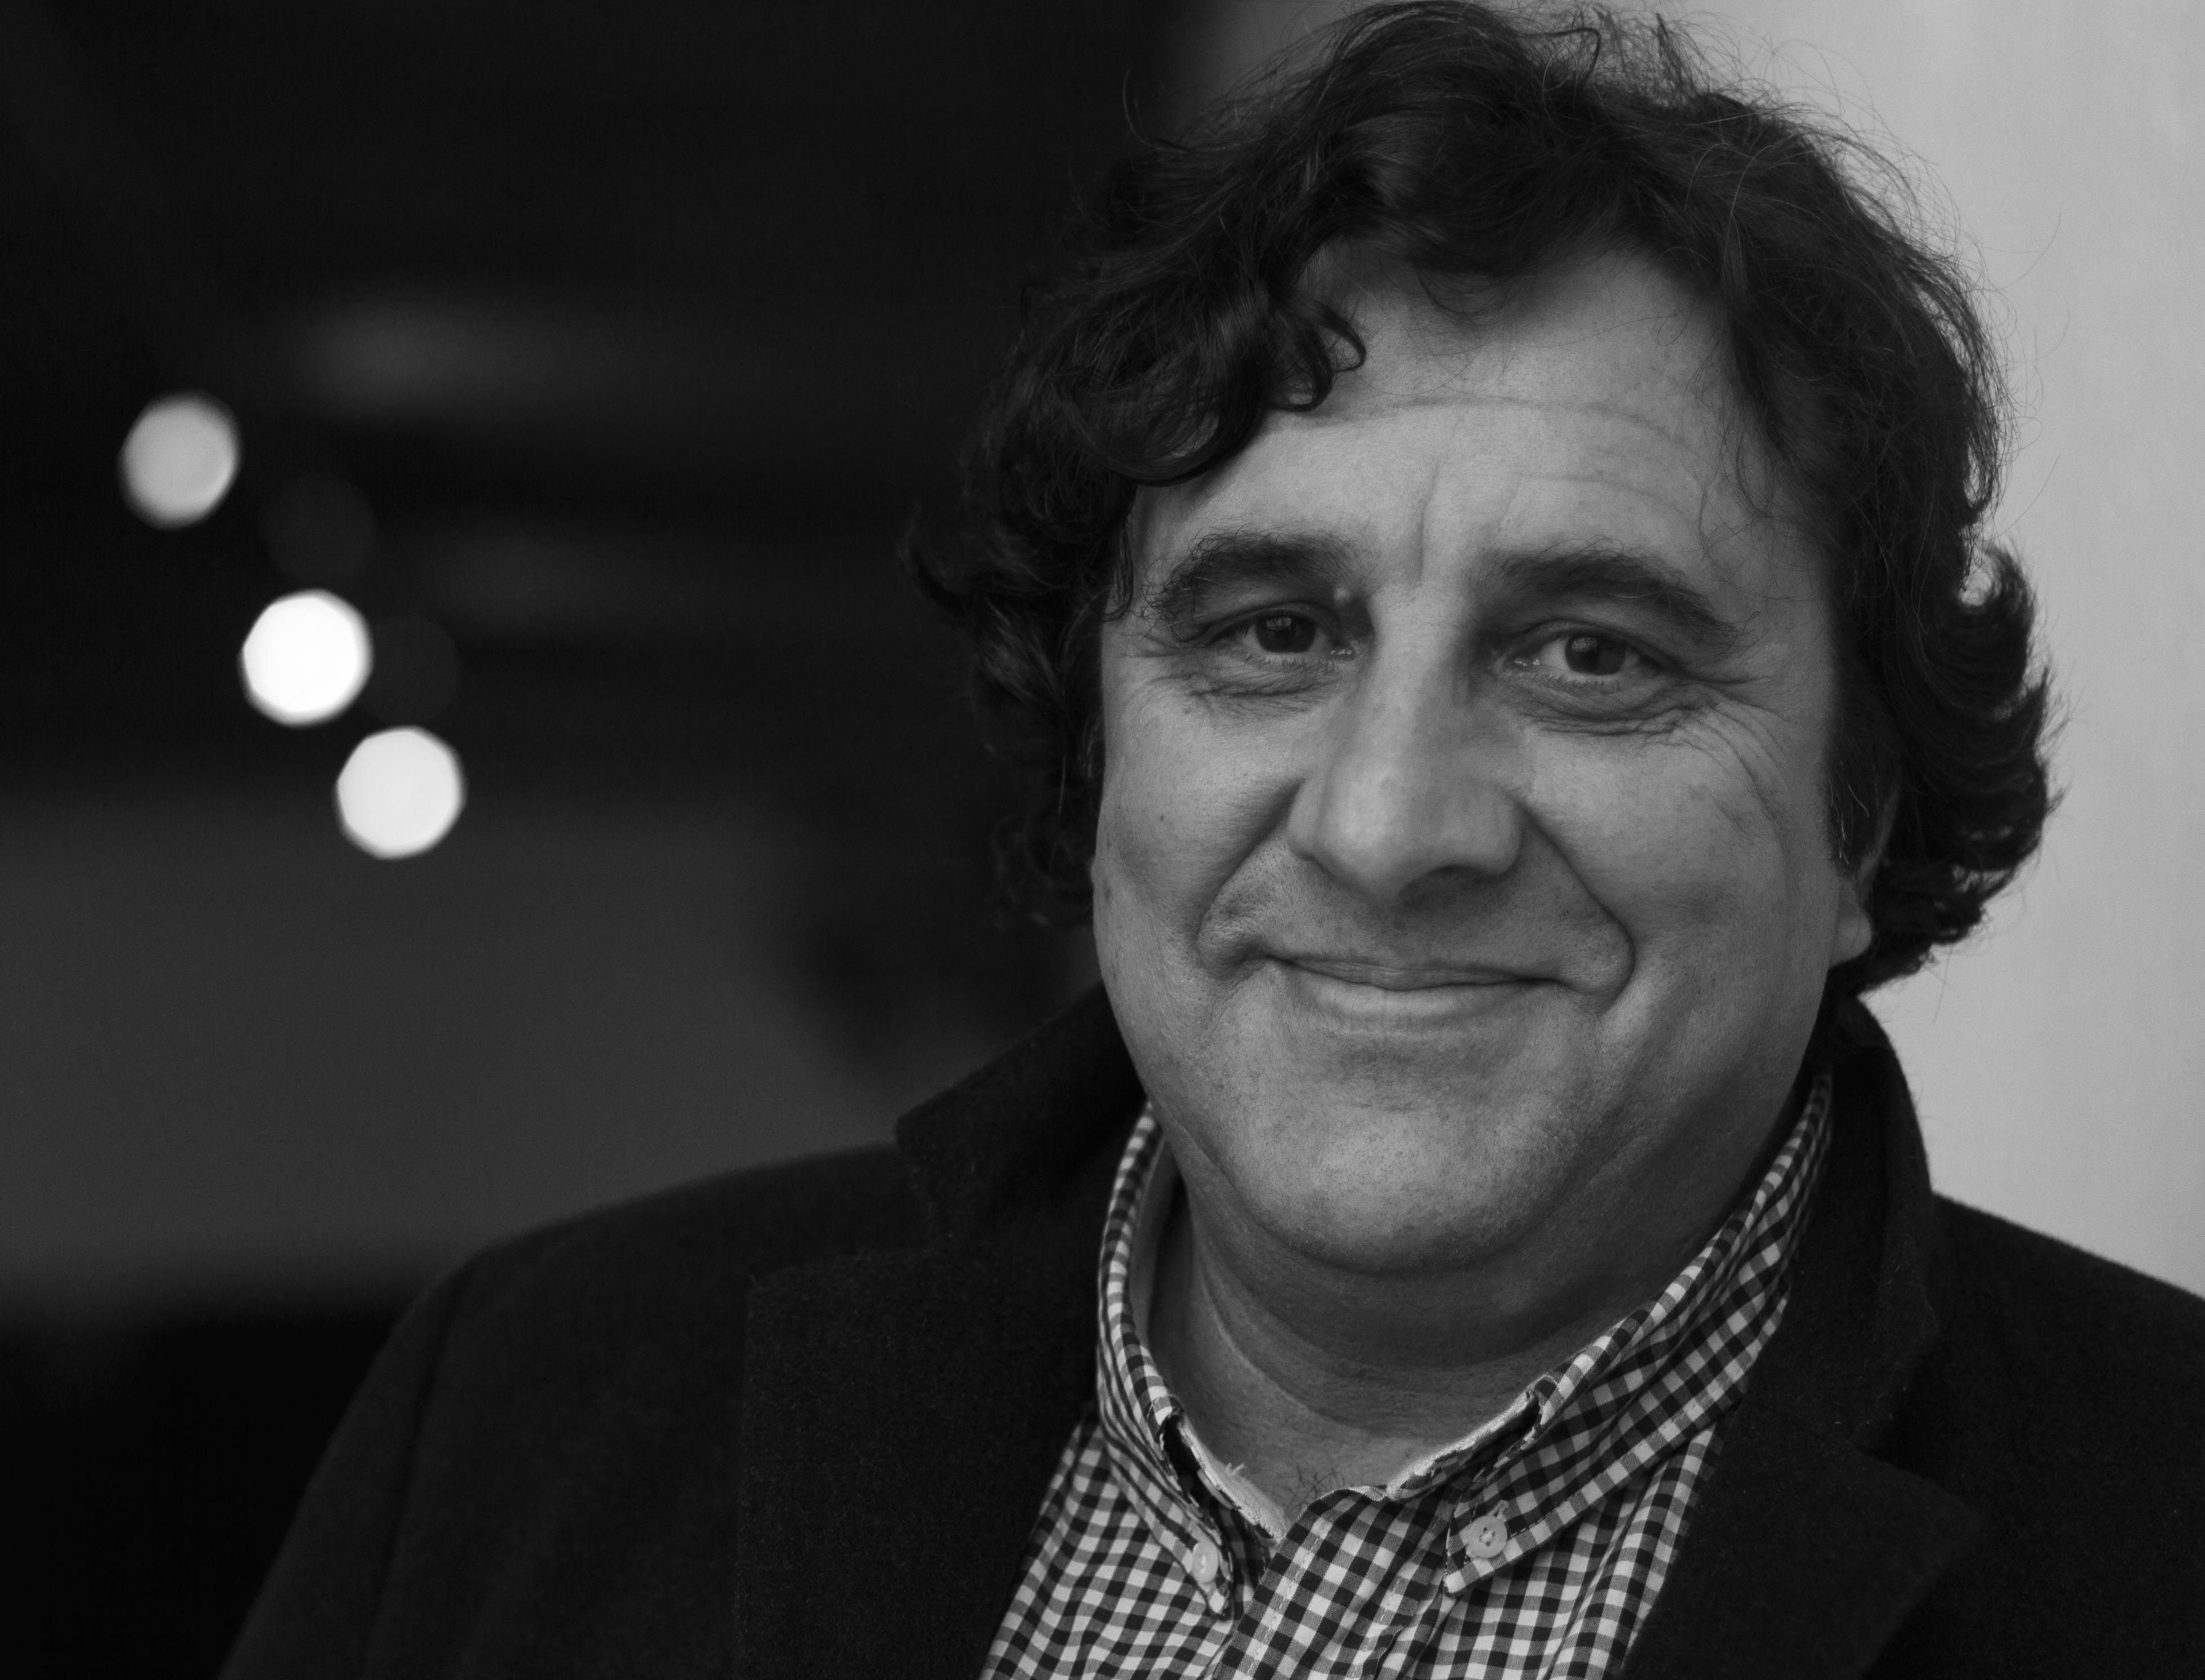 Vicente Serrano Marín